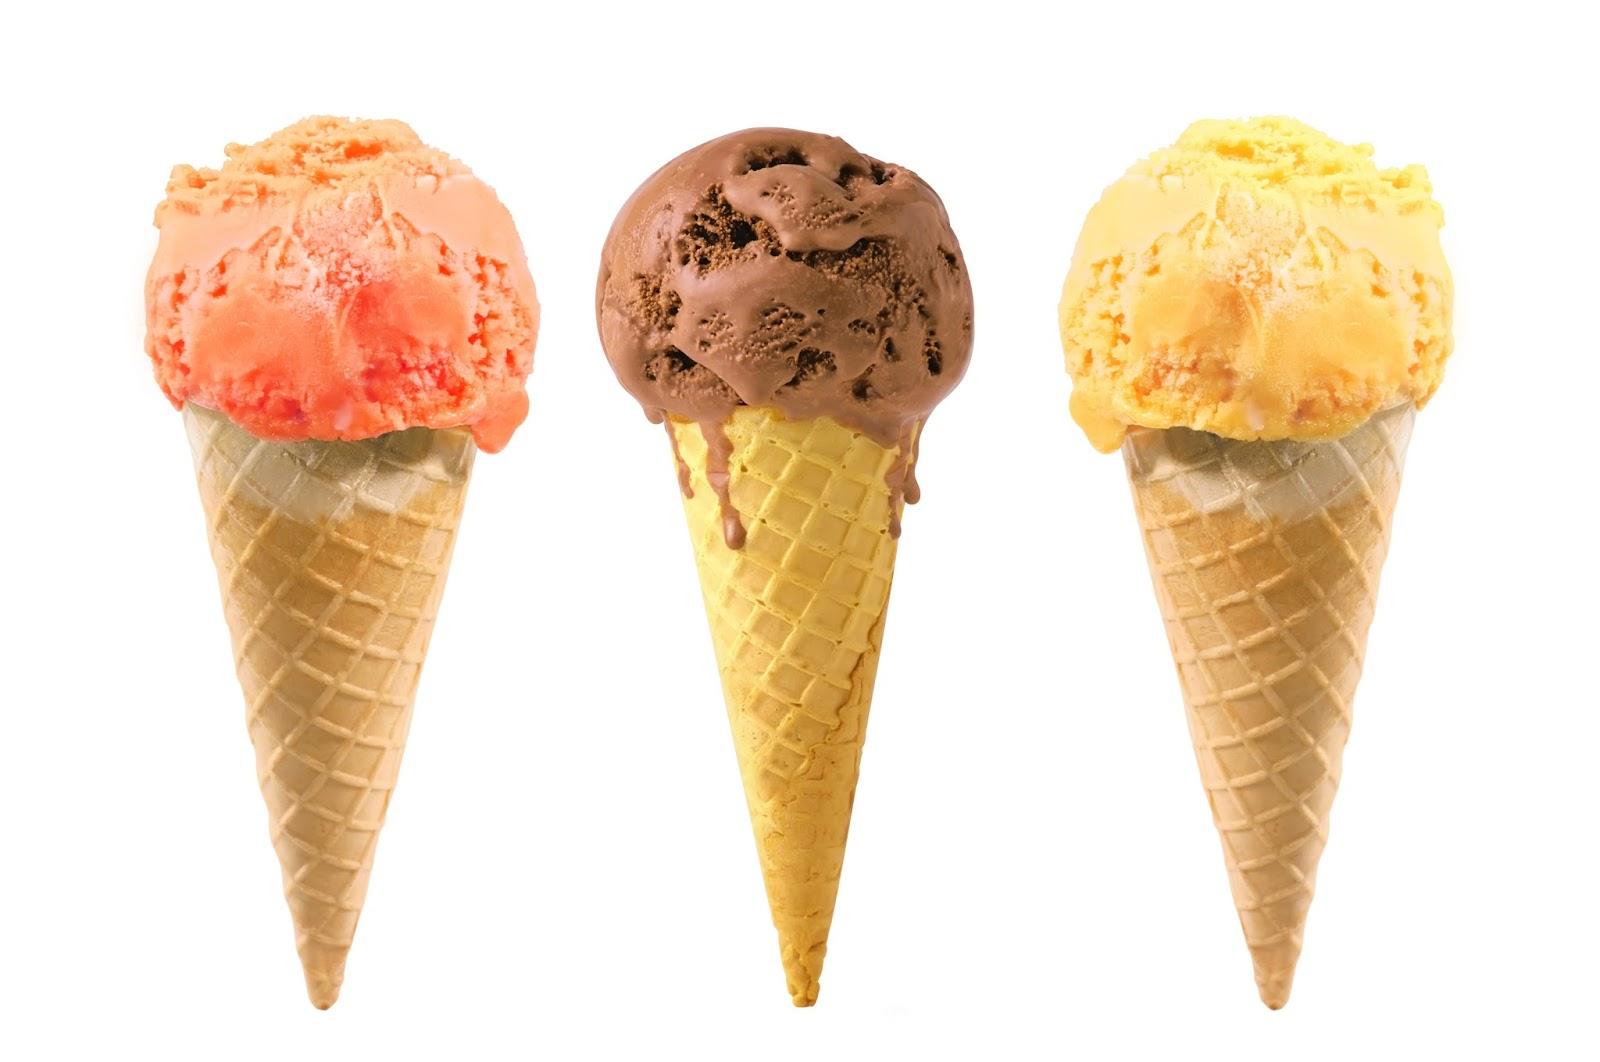 Billedresultat for homemade ice cream white background